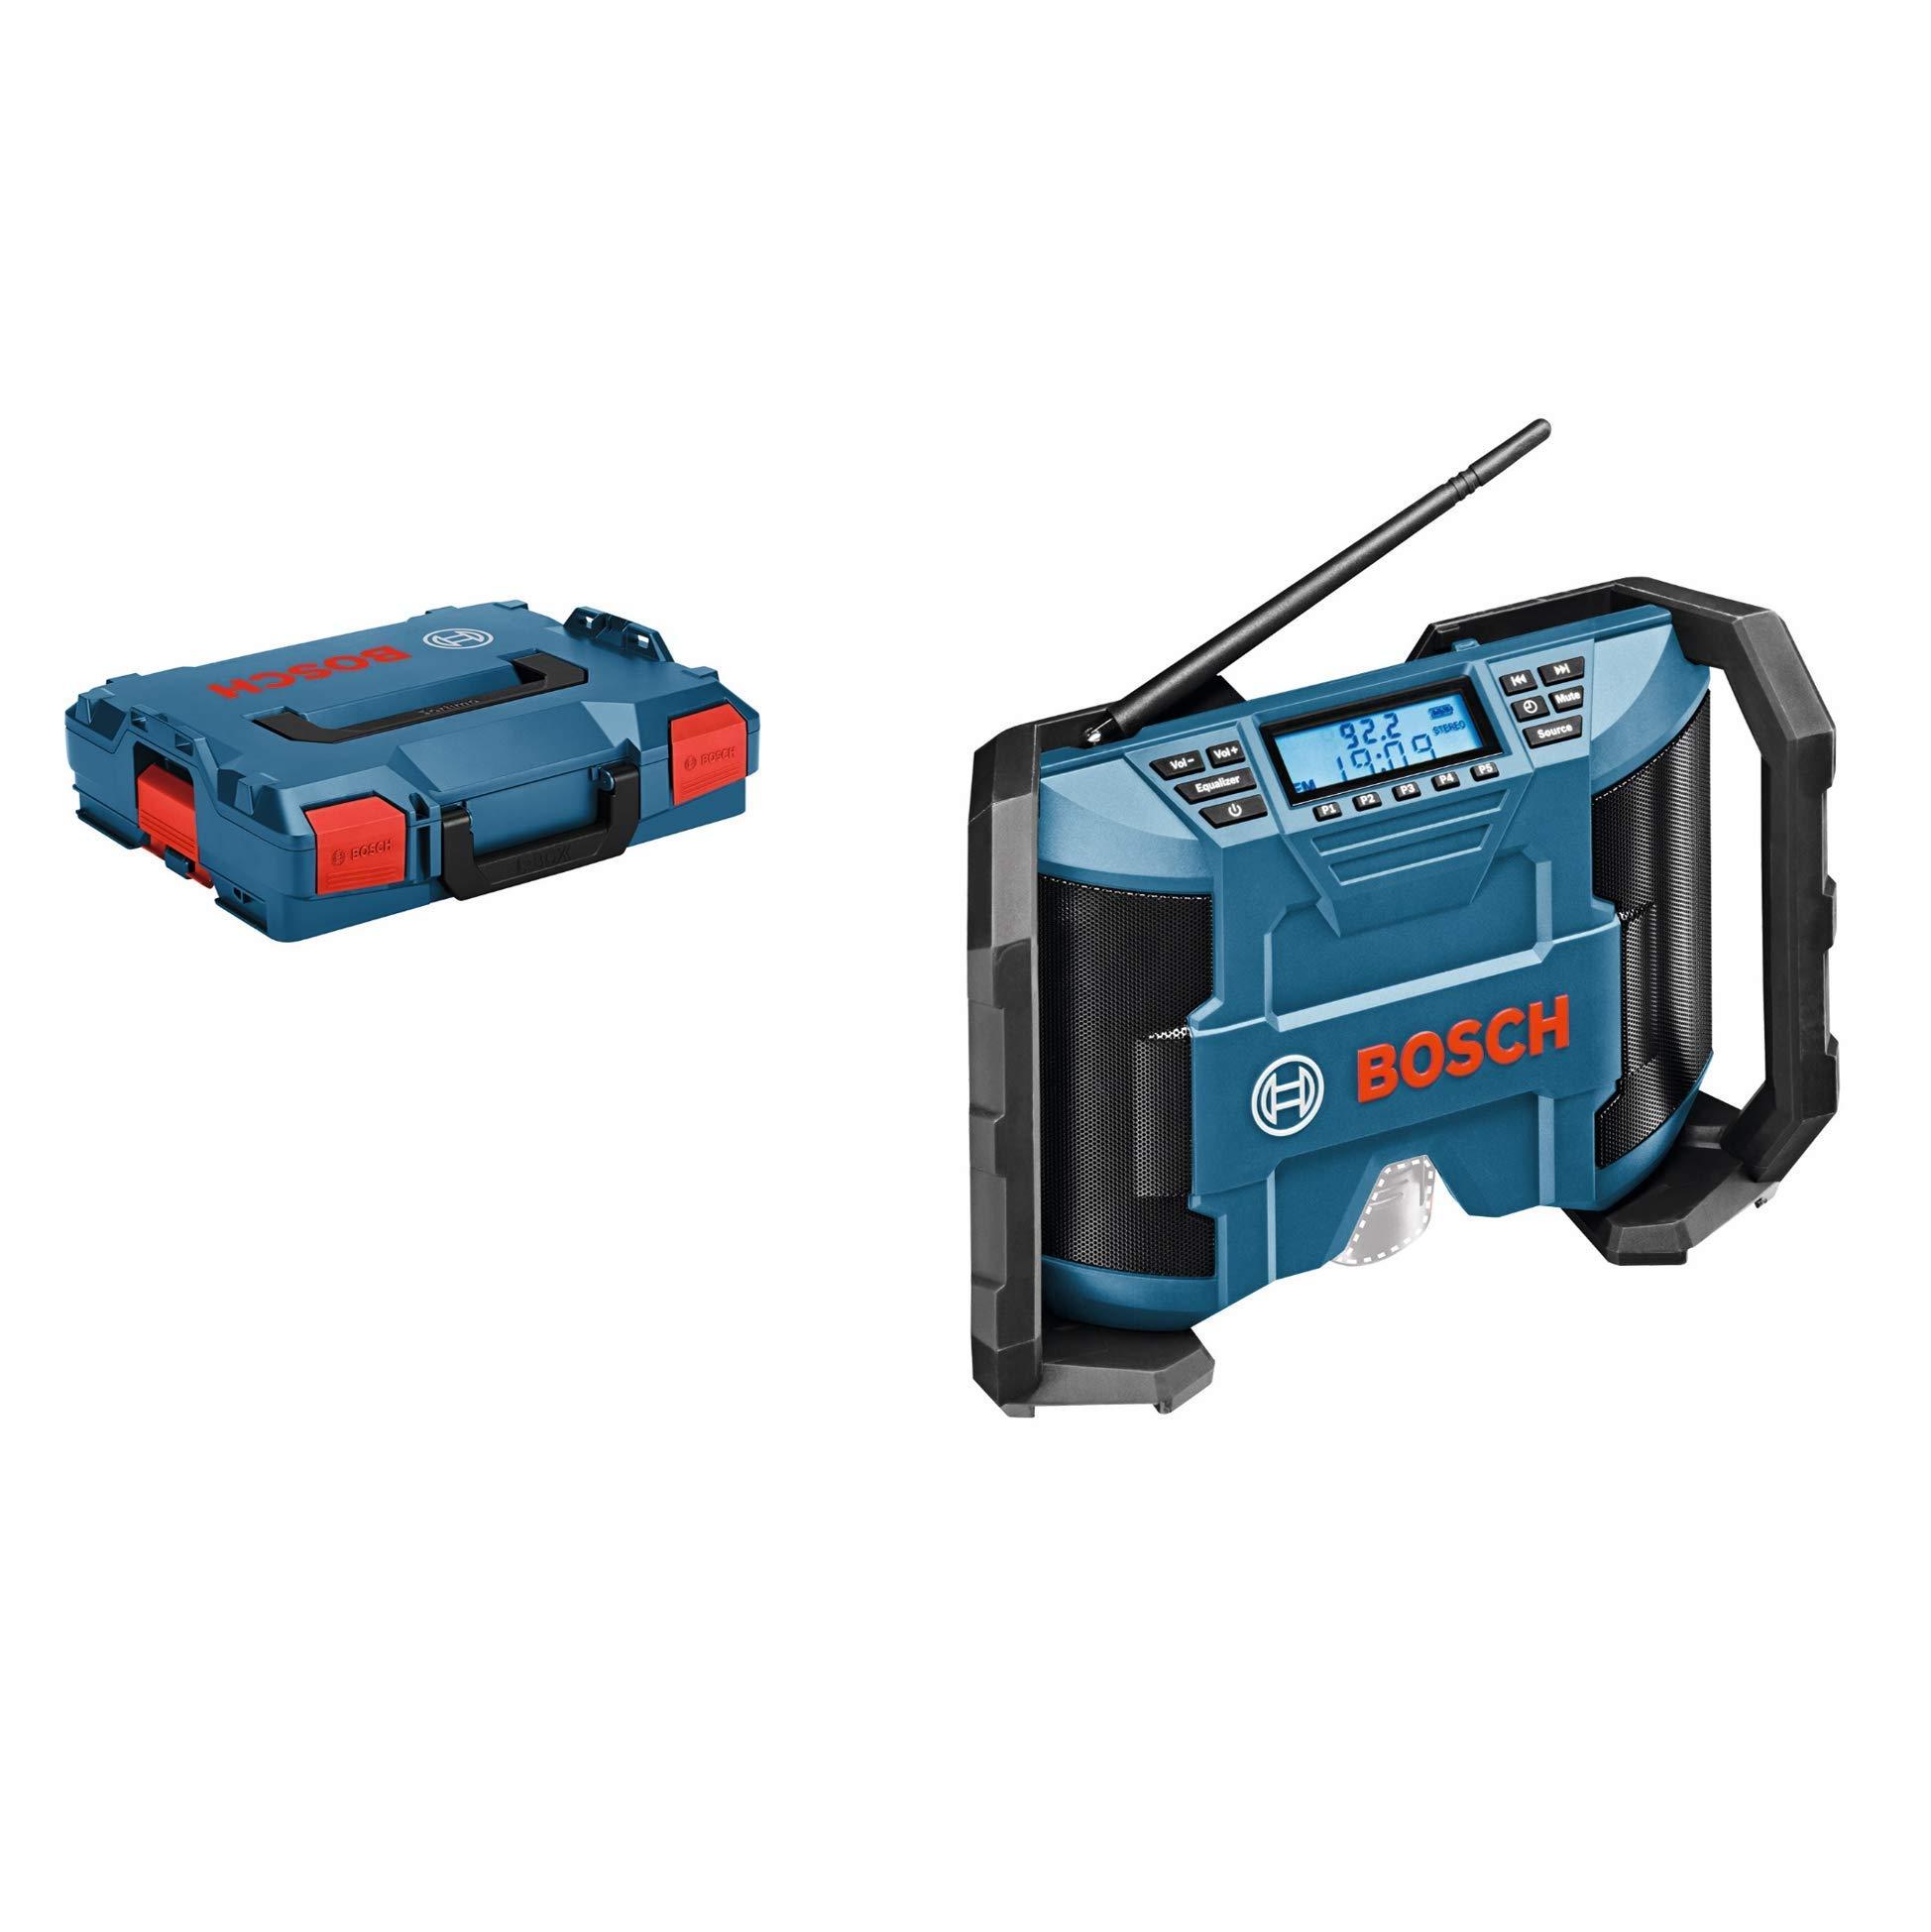 Bosch Professional GPB 12V-10 12V System Akku Baustellenradio (3,5mm AUX Kabel, FM/AM, MP3, mit Netzteil, ohne Akkus und Ladegerät, in L-Boxx)